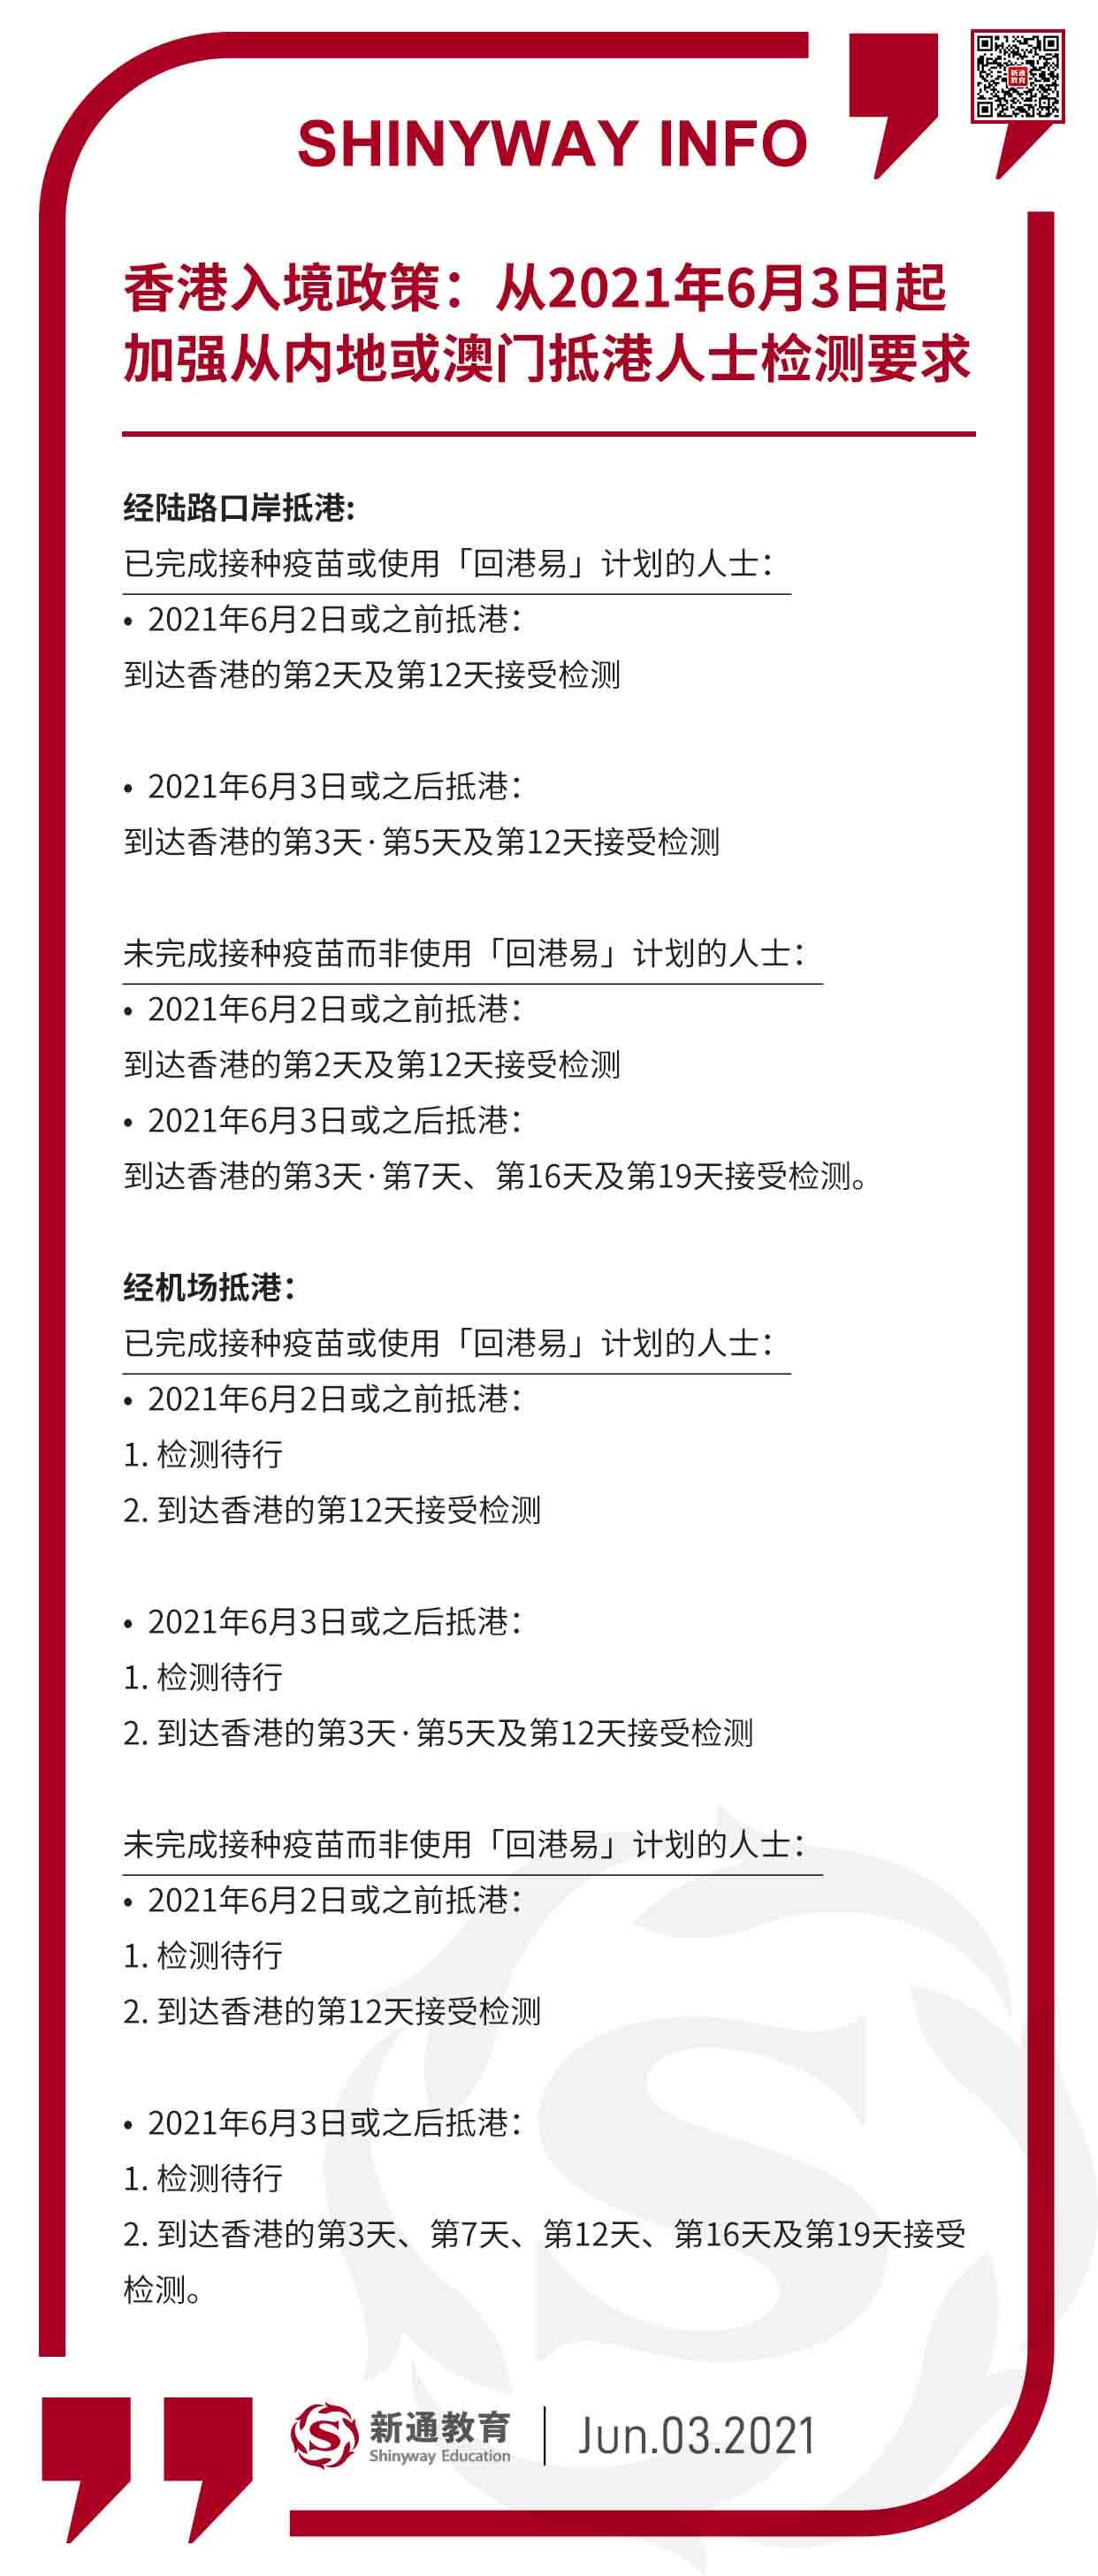 香港入境政策:从2021年6月3日起加强从内地或澳门门抵港人士检测要求